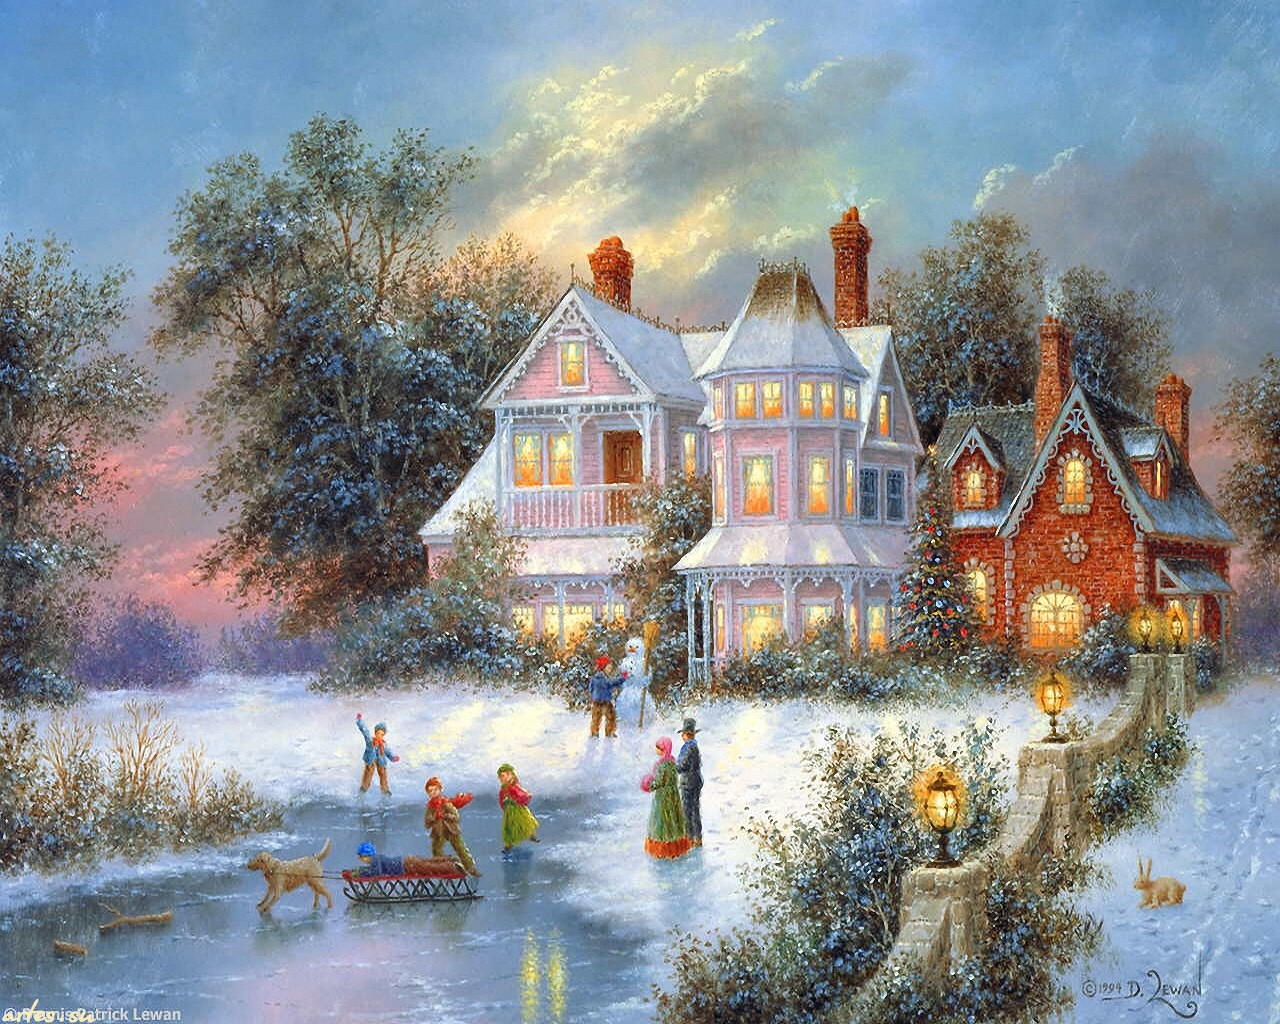 Картинки рисованные с новым годом и рождеством